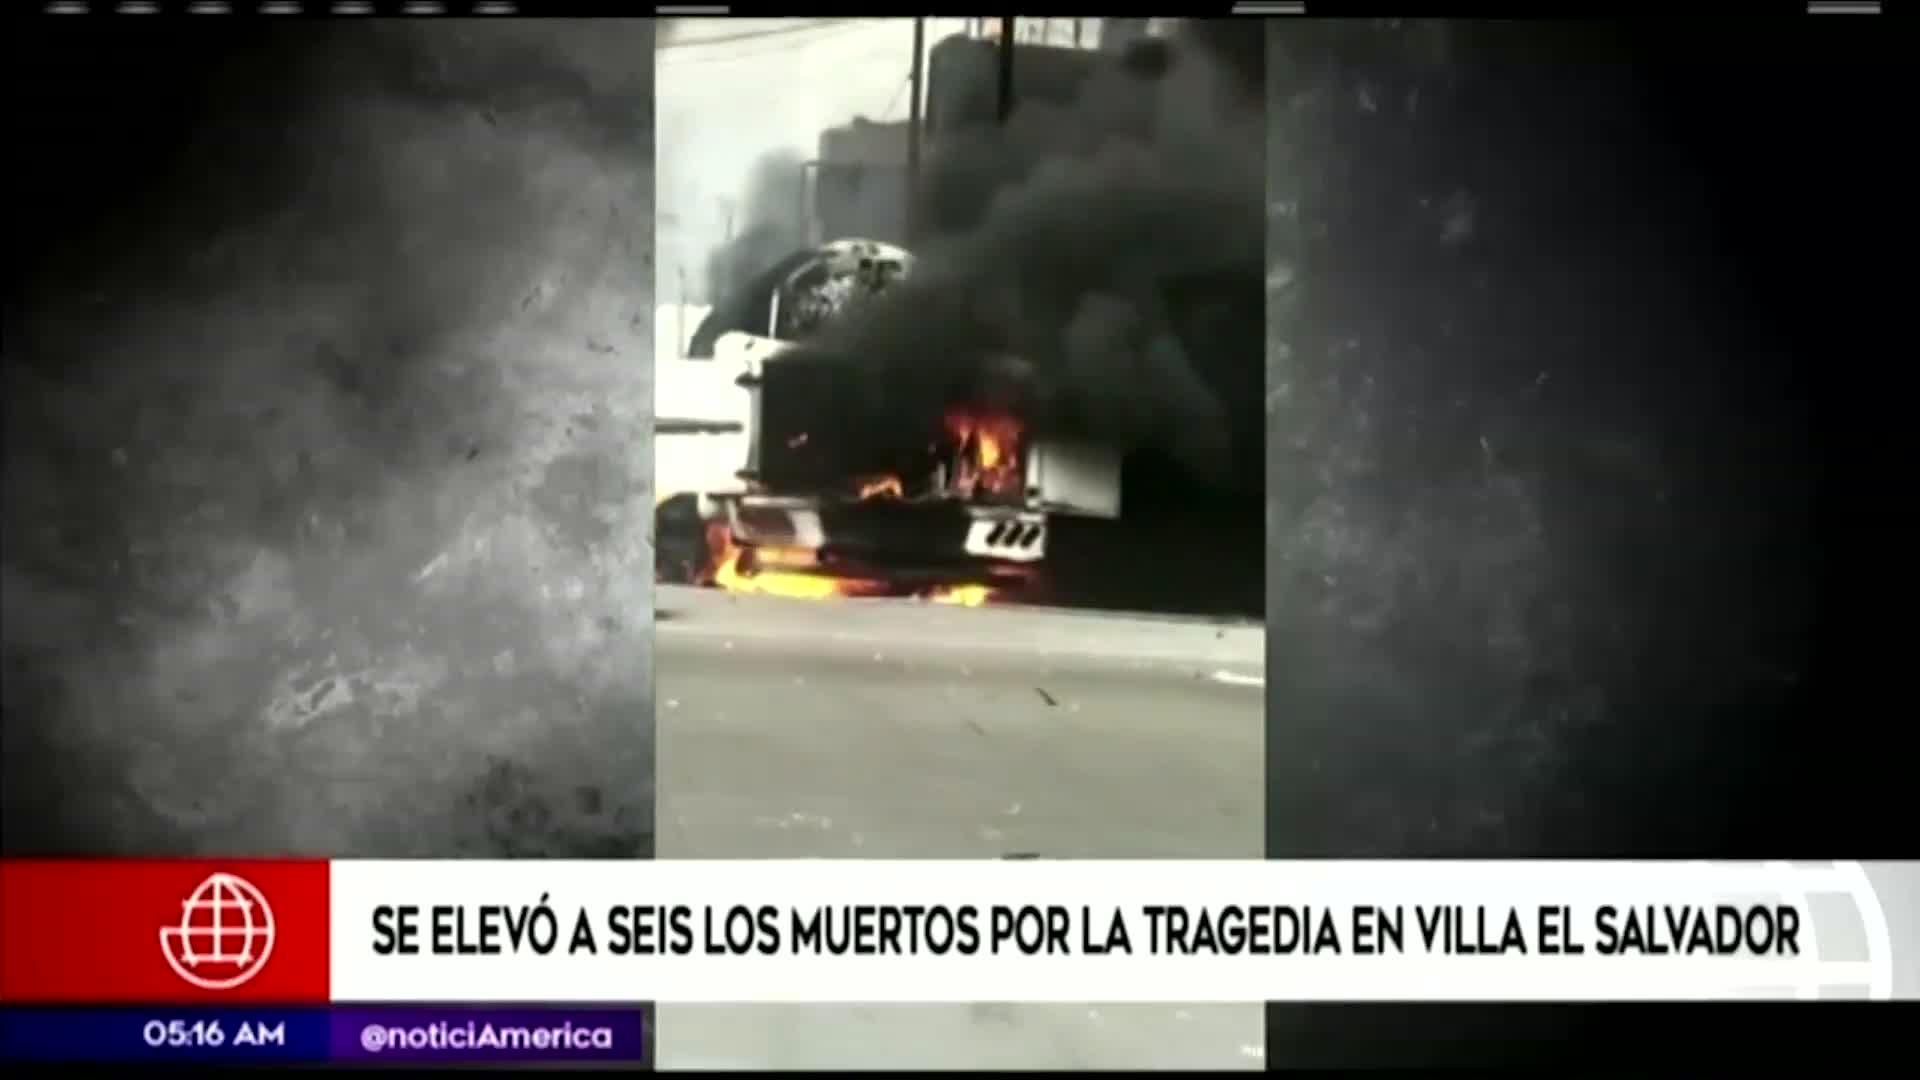 Tragedia en VES: se aumentó a seis la cifra de personas fallecidas tras la explosión